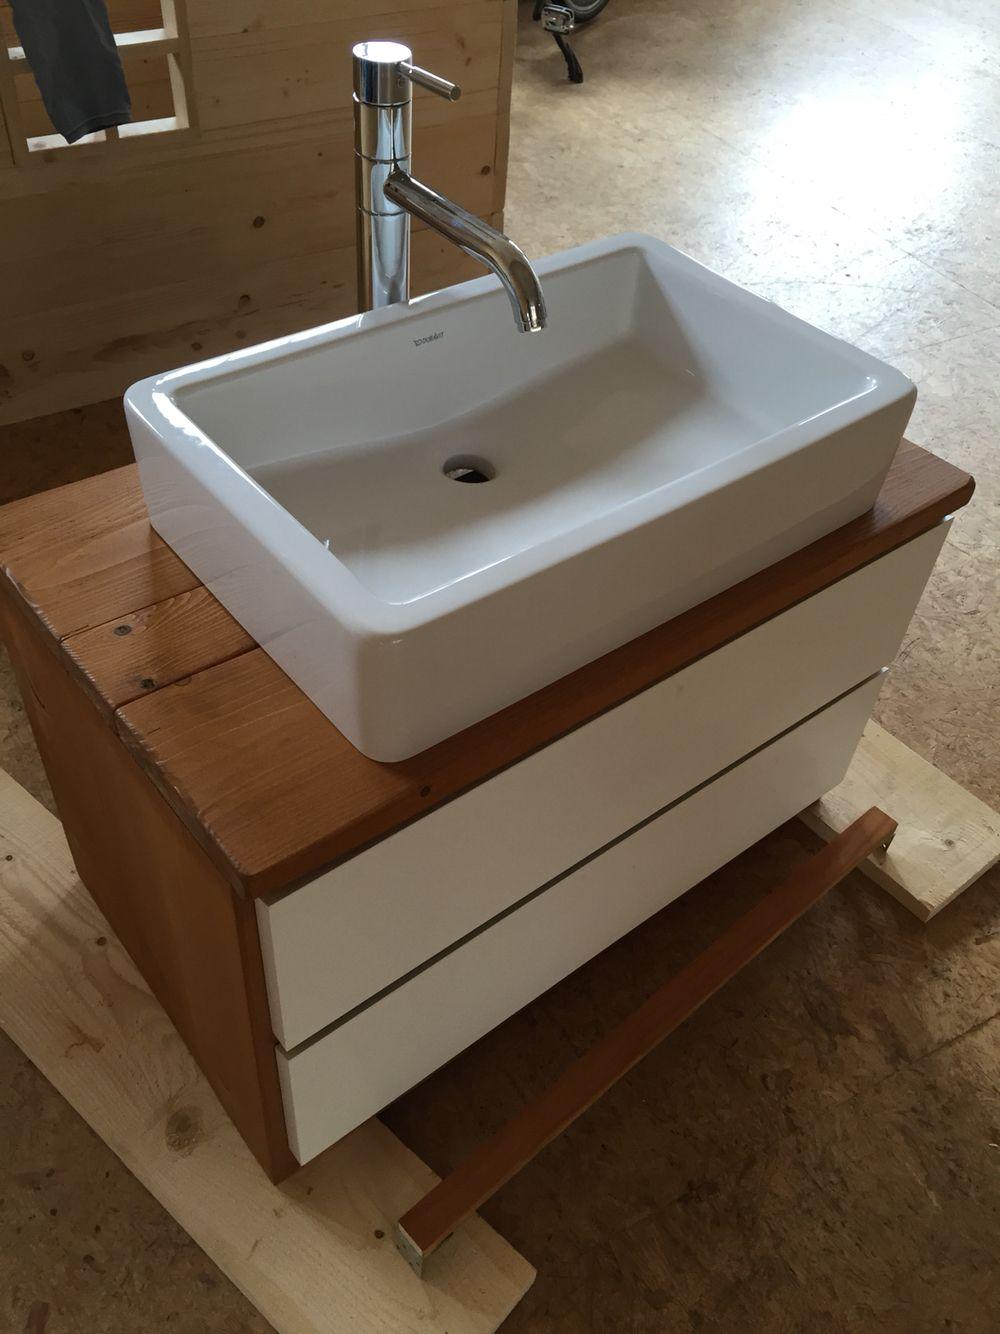 badkamermeubel gemaakt van steigerhout icm gebruikte ikea lades gebruikte losse wasbak en. Black Bedroom Furniture Sets. Home Design Ideas